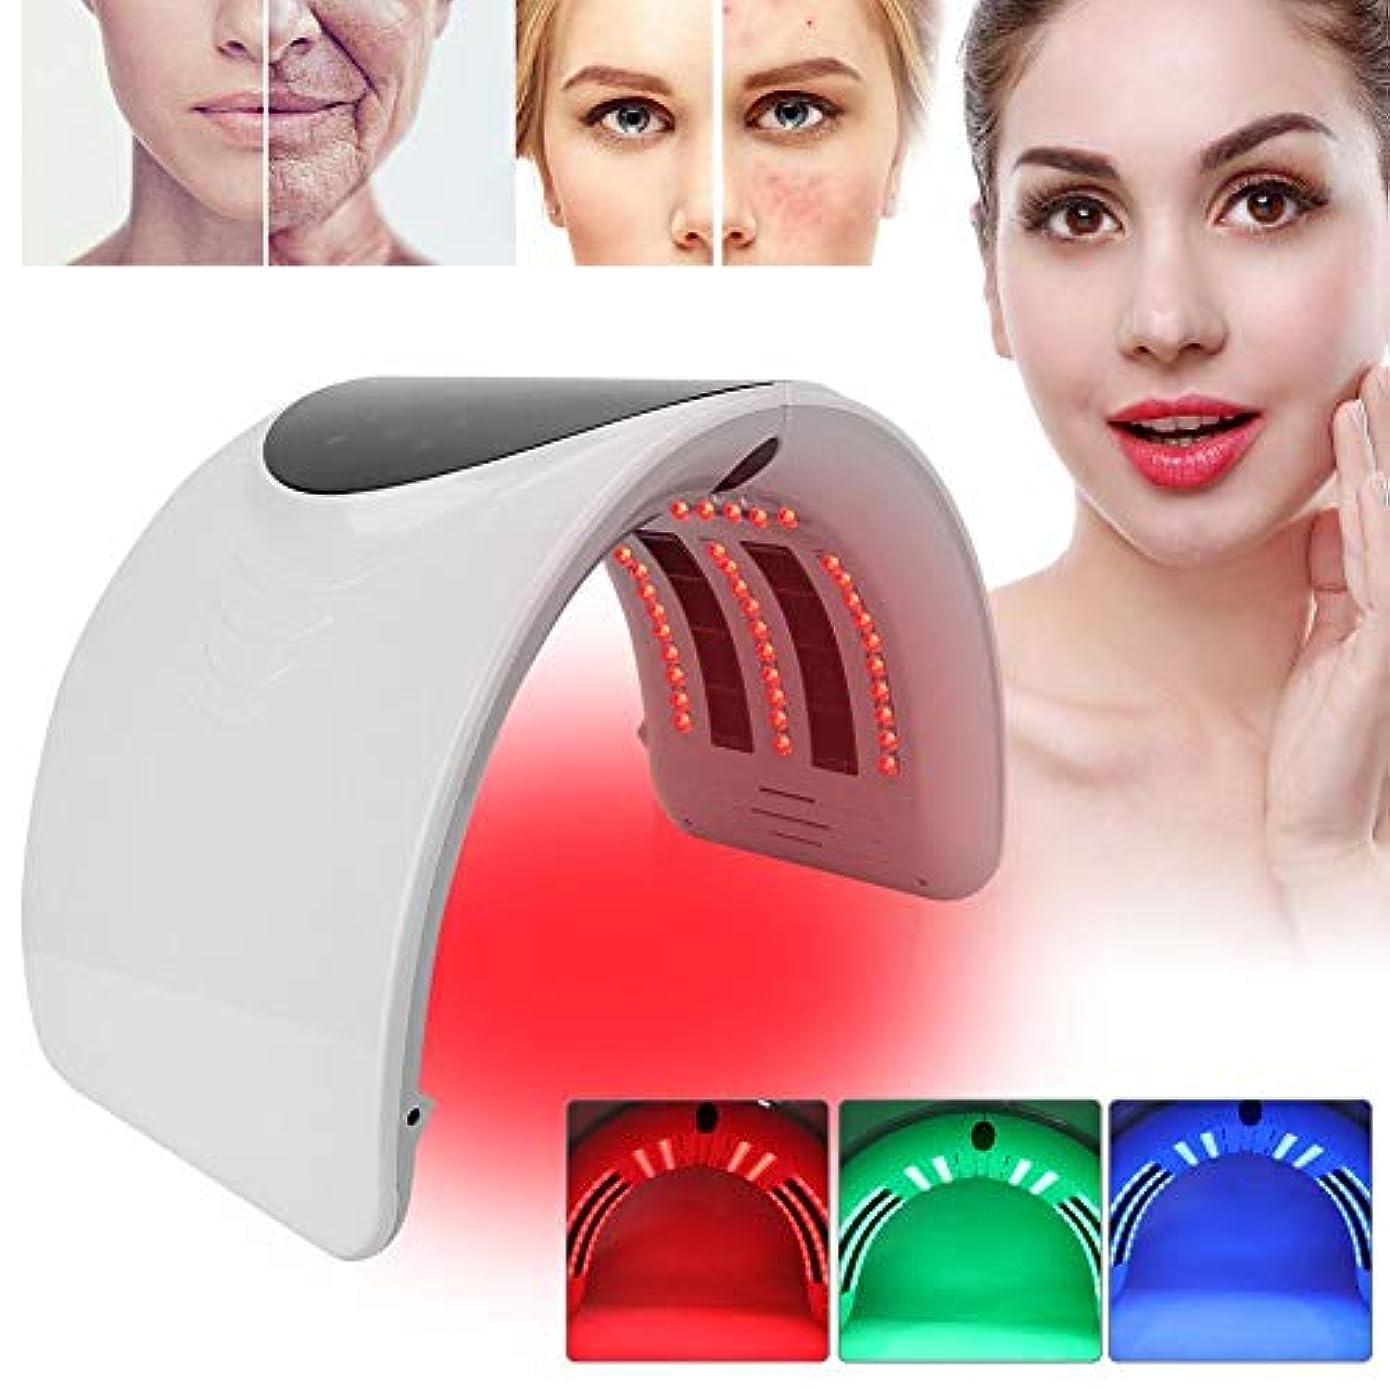 賢明な分注する内陸PDTの軽い療法の美顔術機械、6色の新しい折り畳み式アクネの取り外しのスキンケアの処置機械(01)